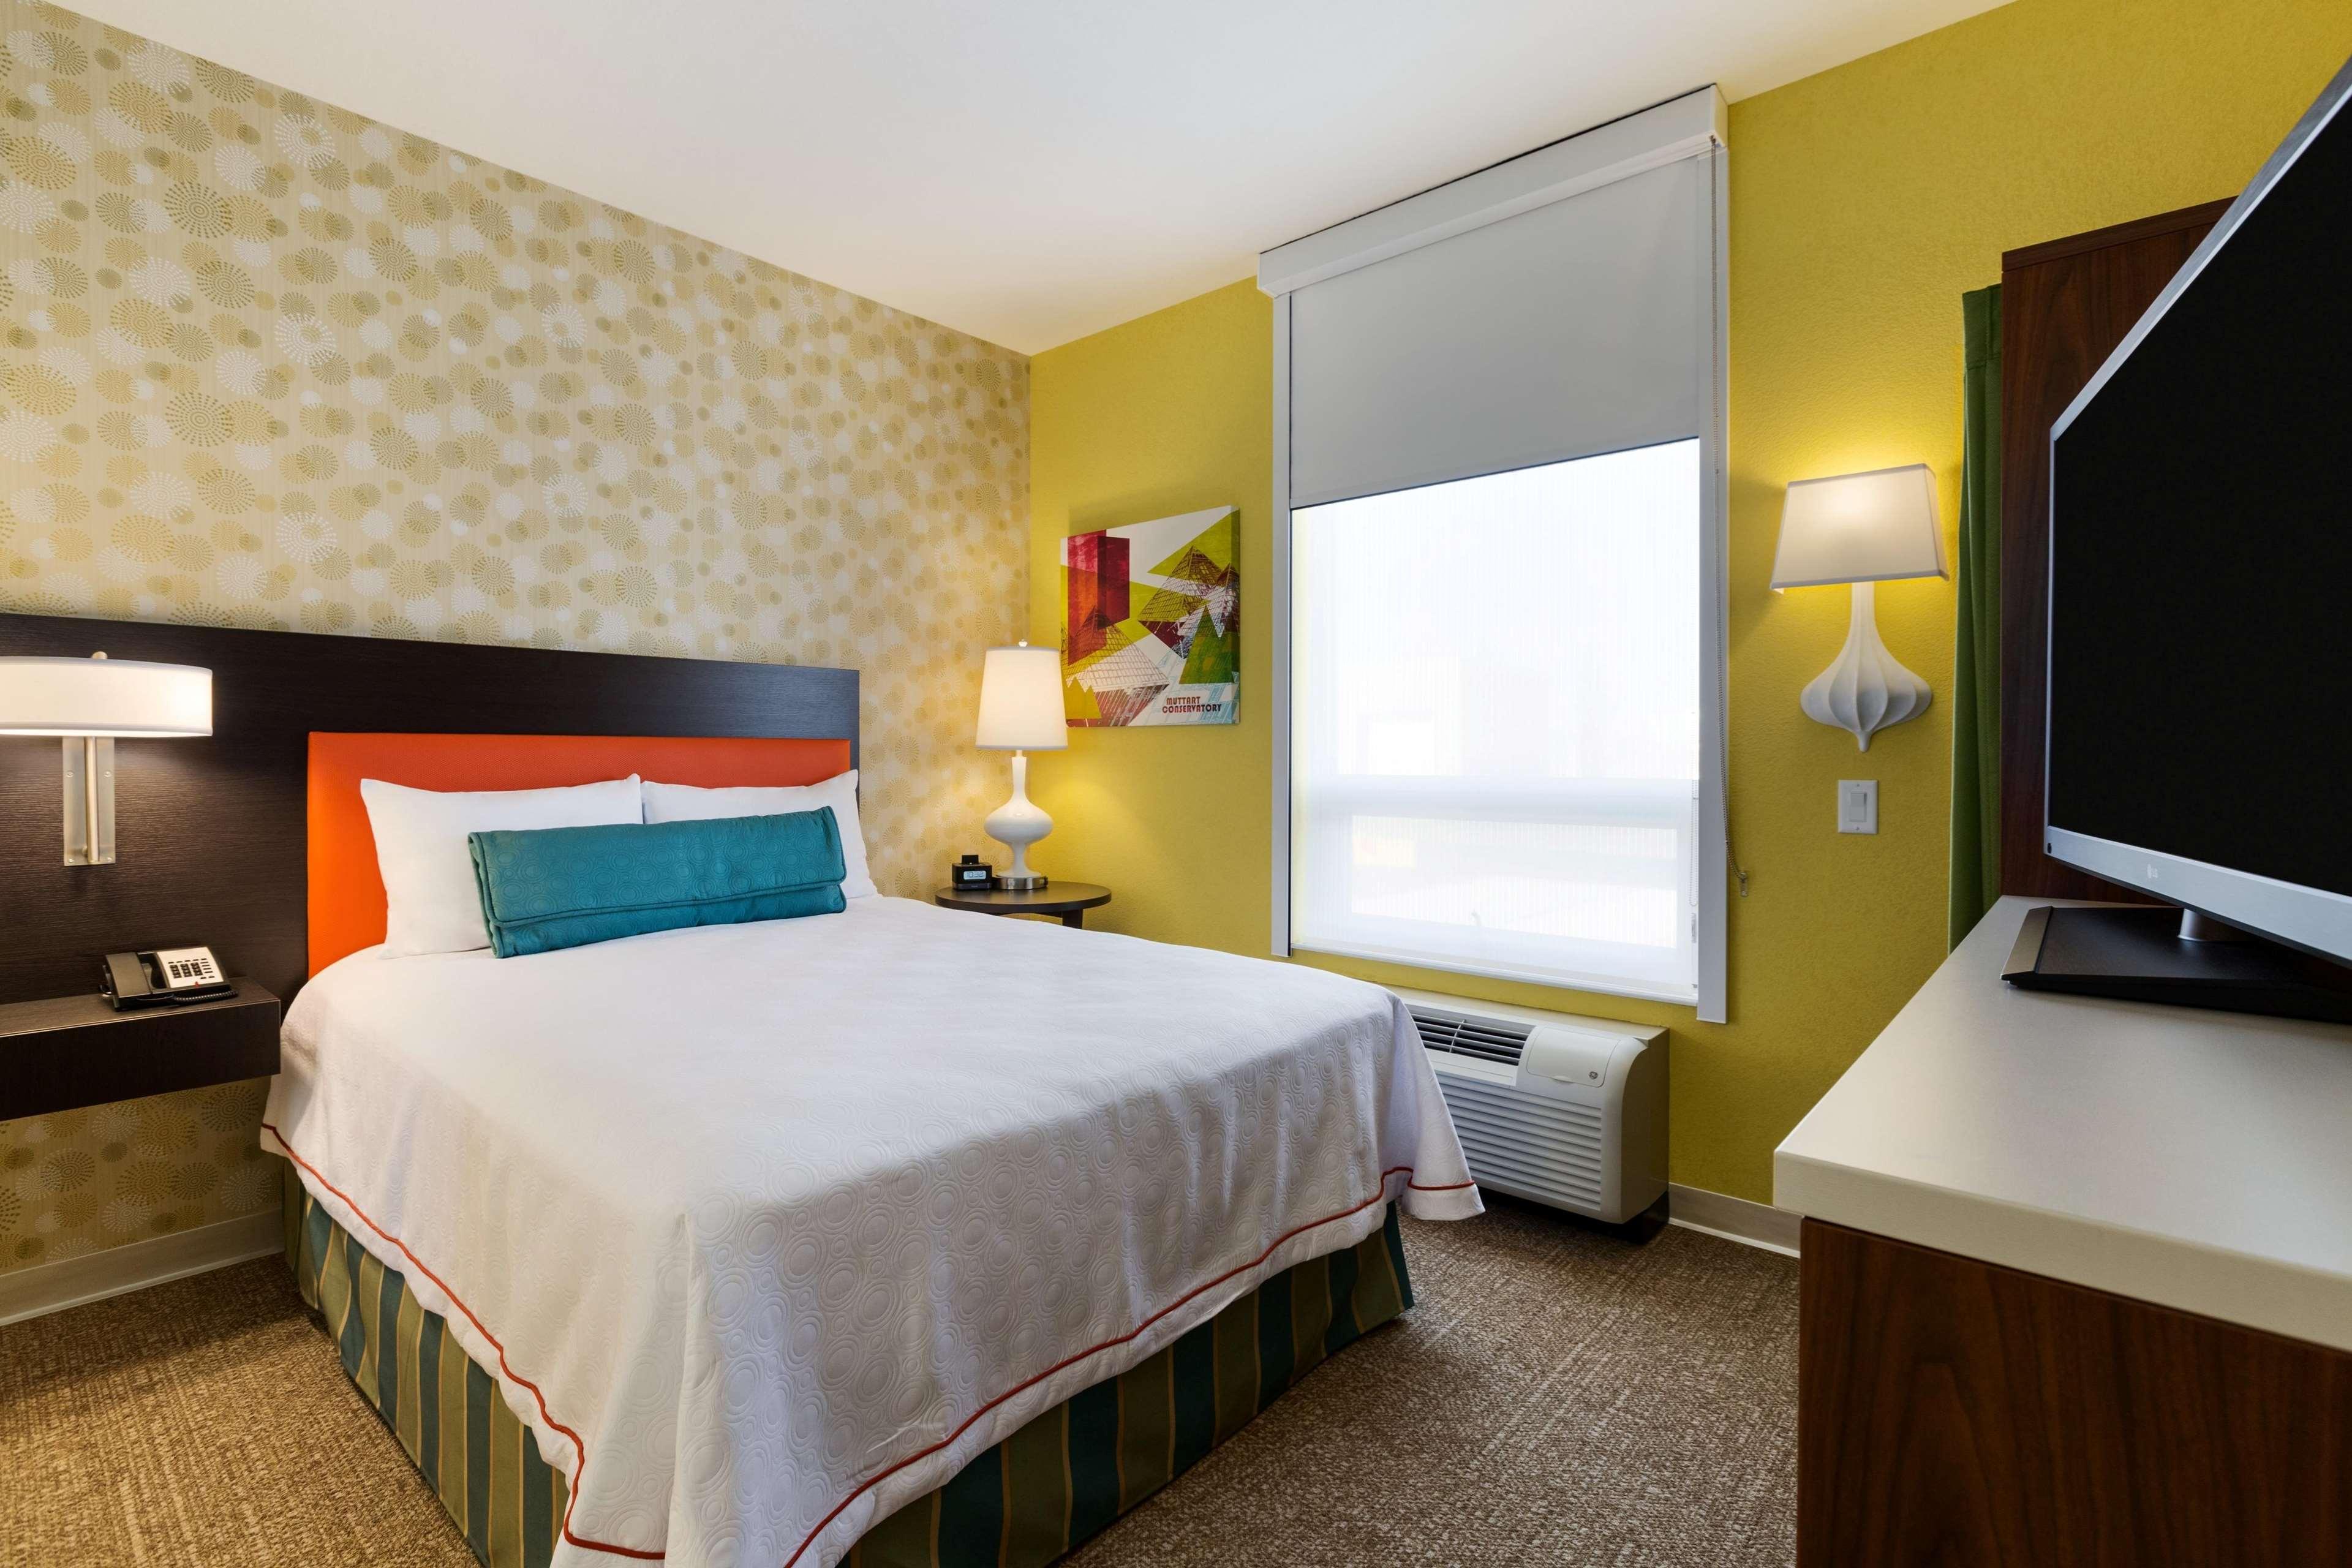 Home2 Suites by Hilton West Edmonton, Alberta, Canada à Edmonton: 1 Queen 1 Bedroom Suite Bedroom